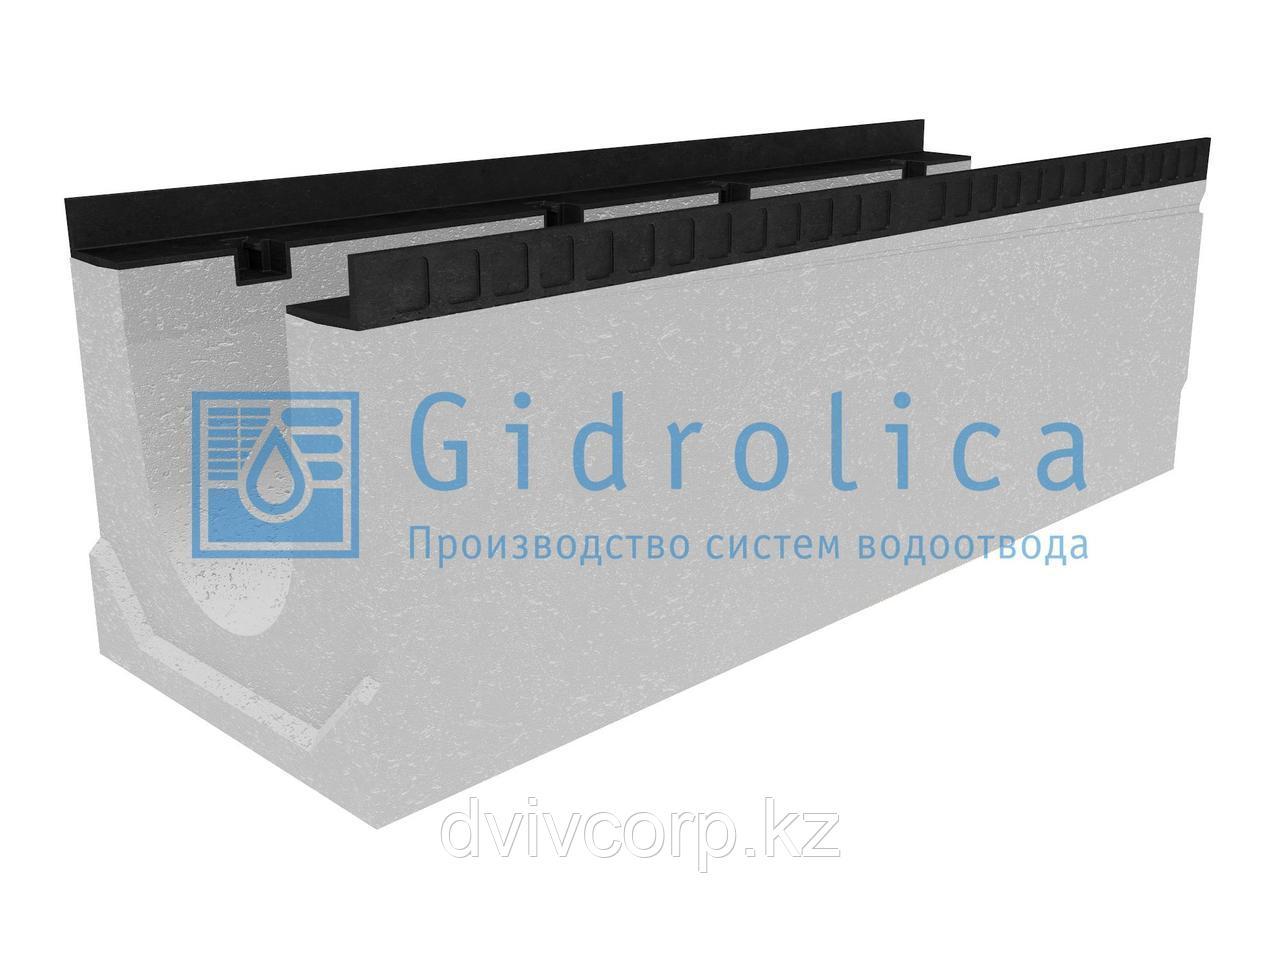 Лоток водоотводный бетонный коробчатый (СО-200мм), с уклоном 0,5%  КUу 100.34(20).34(27) - BGМ, № 6